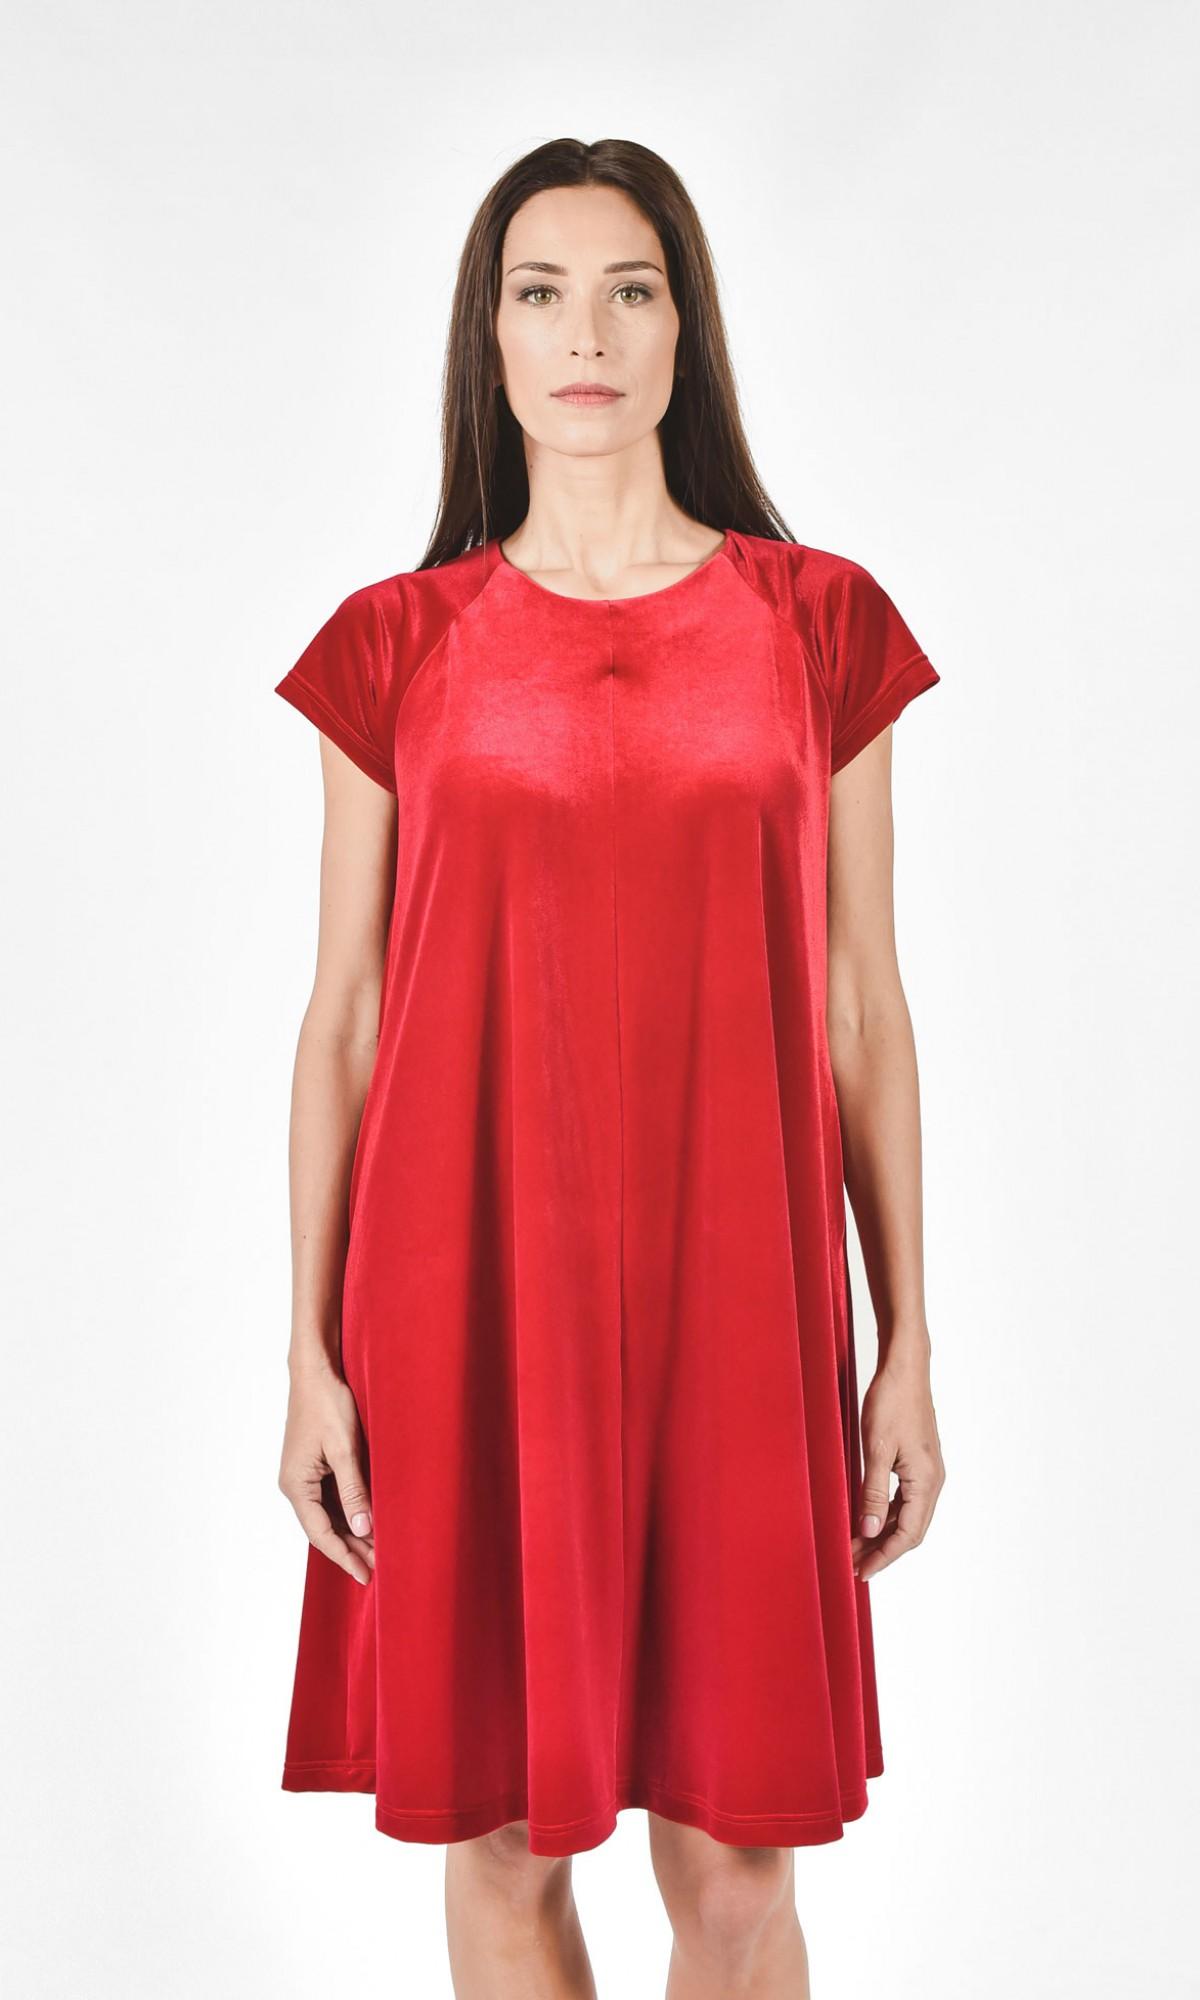 Little Baby Doll Velvet Dress A90043